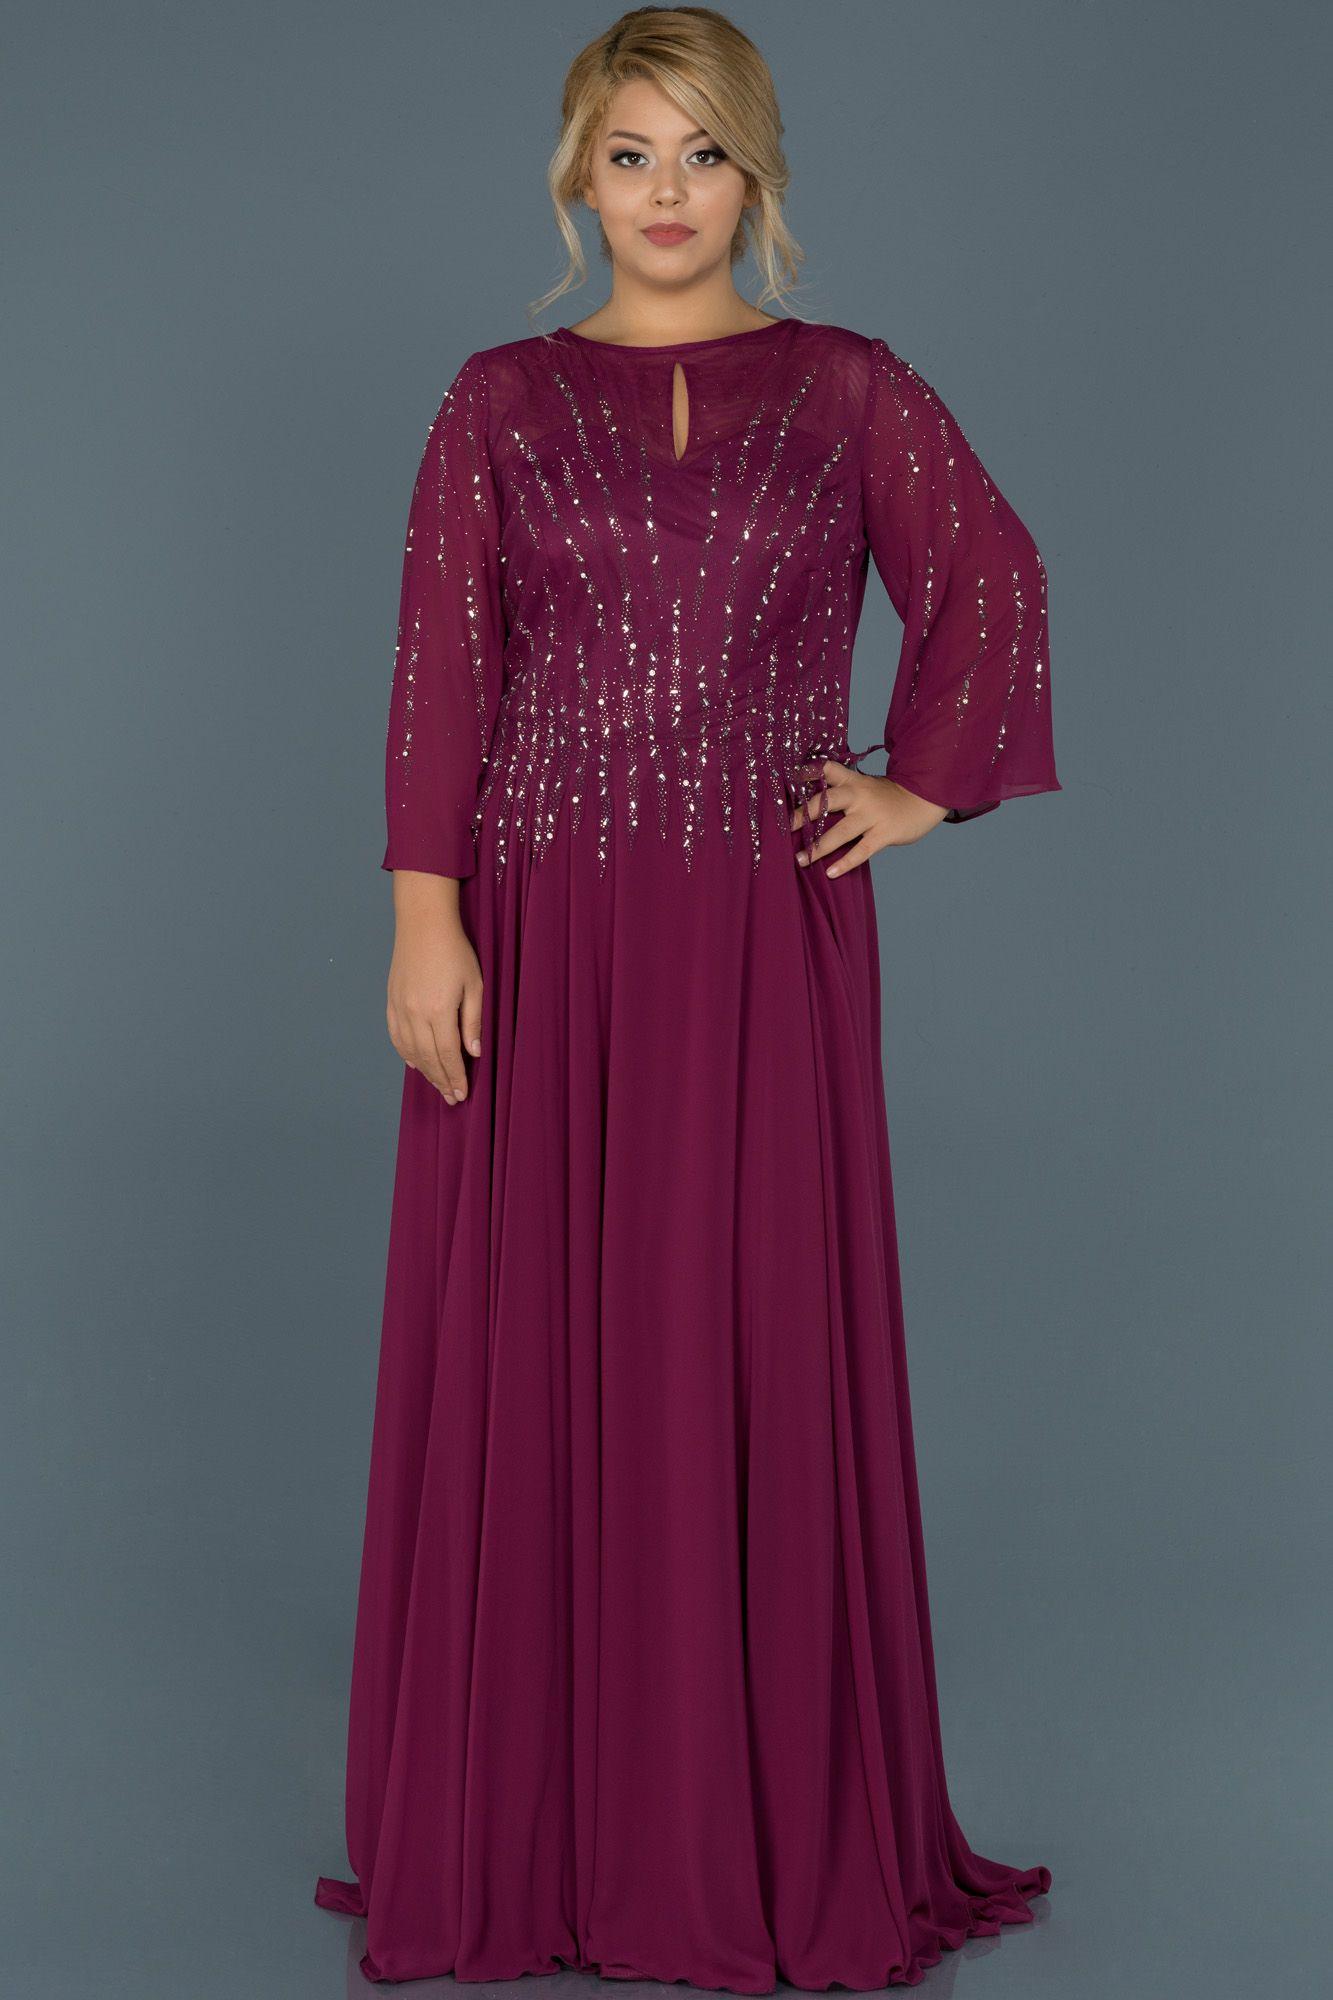 Violet Tasli Dekoltesiz Buyuk Beden Abiye Abu467 The Dress Elbise Modelleri Elbise